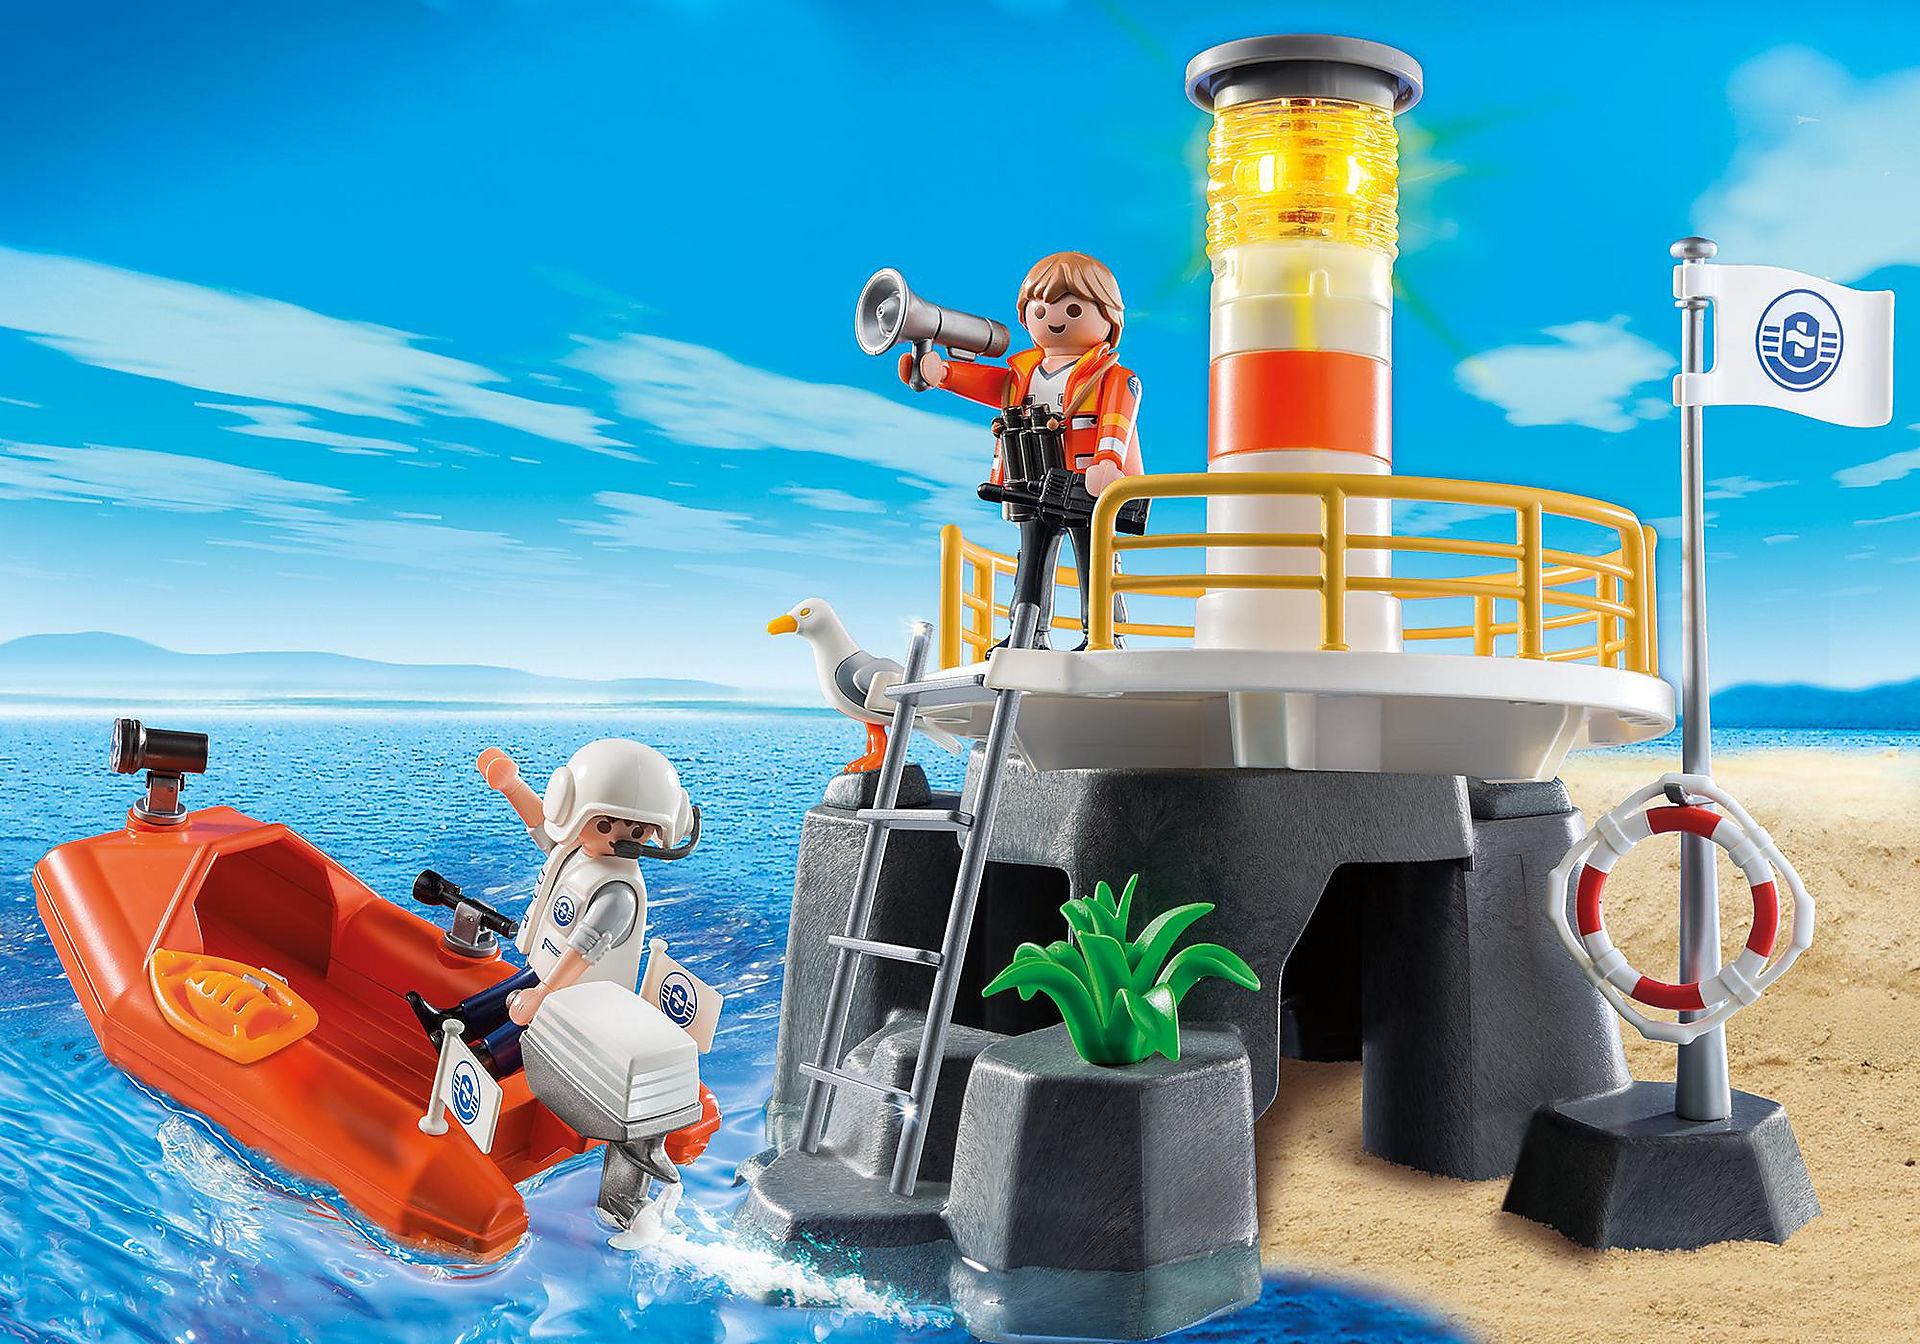 5626 Leuchtturm mit Rettungsboot zoom image1